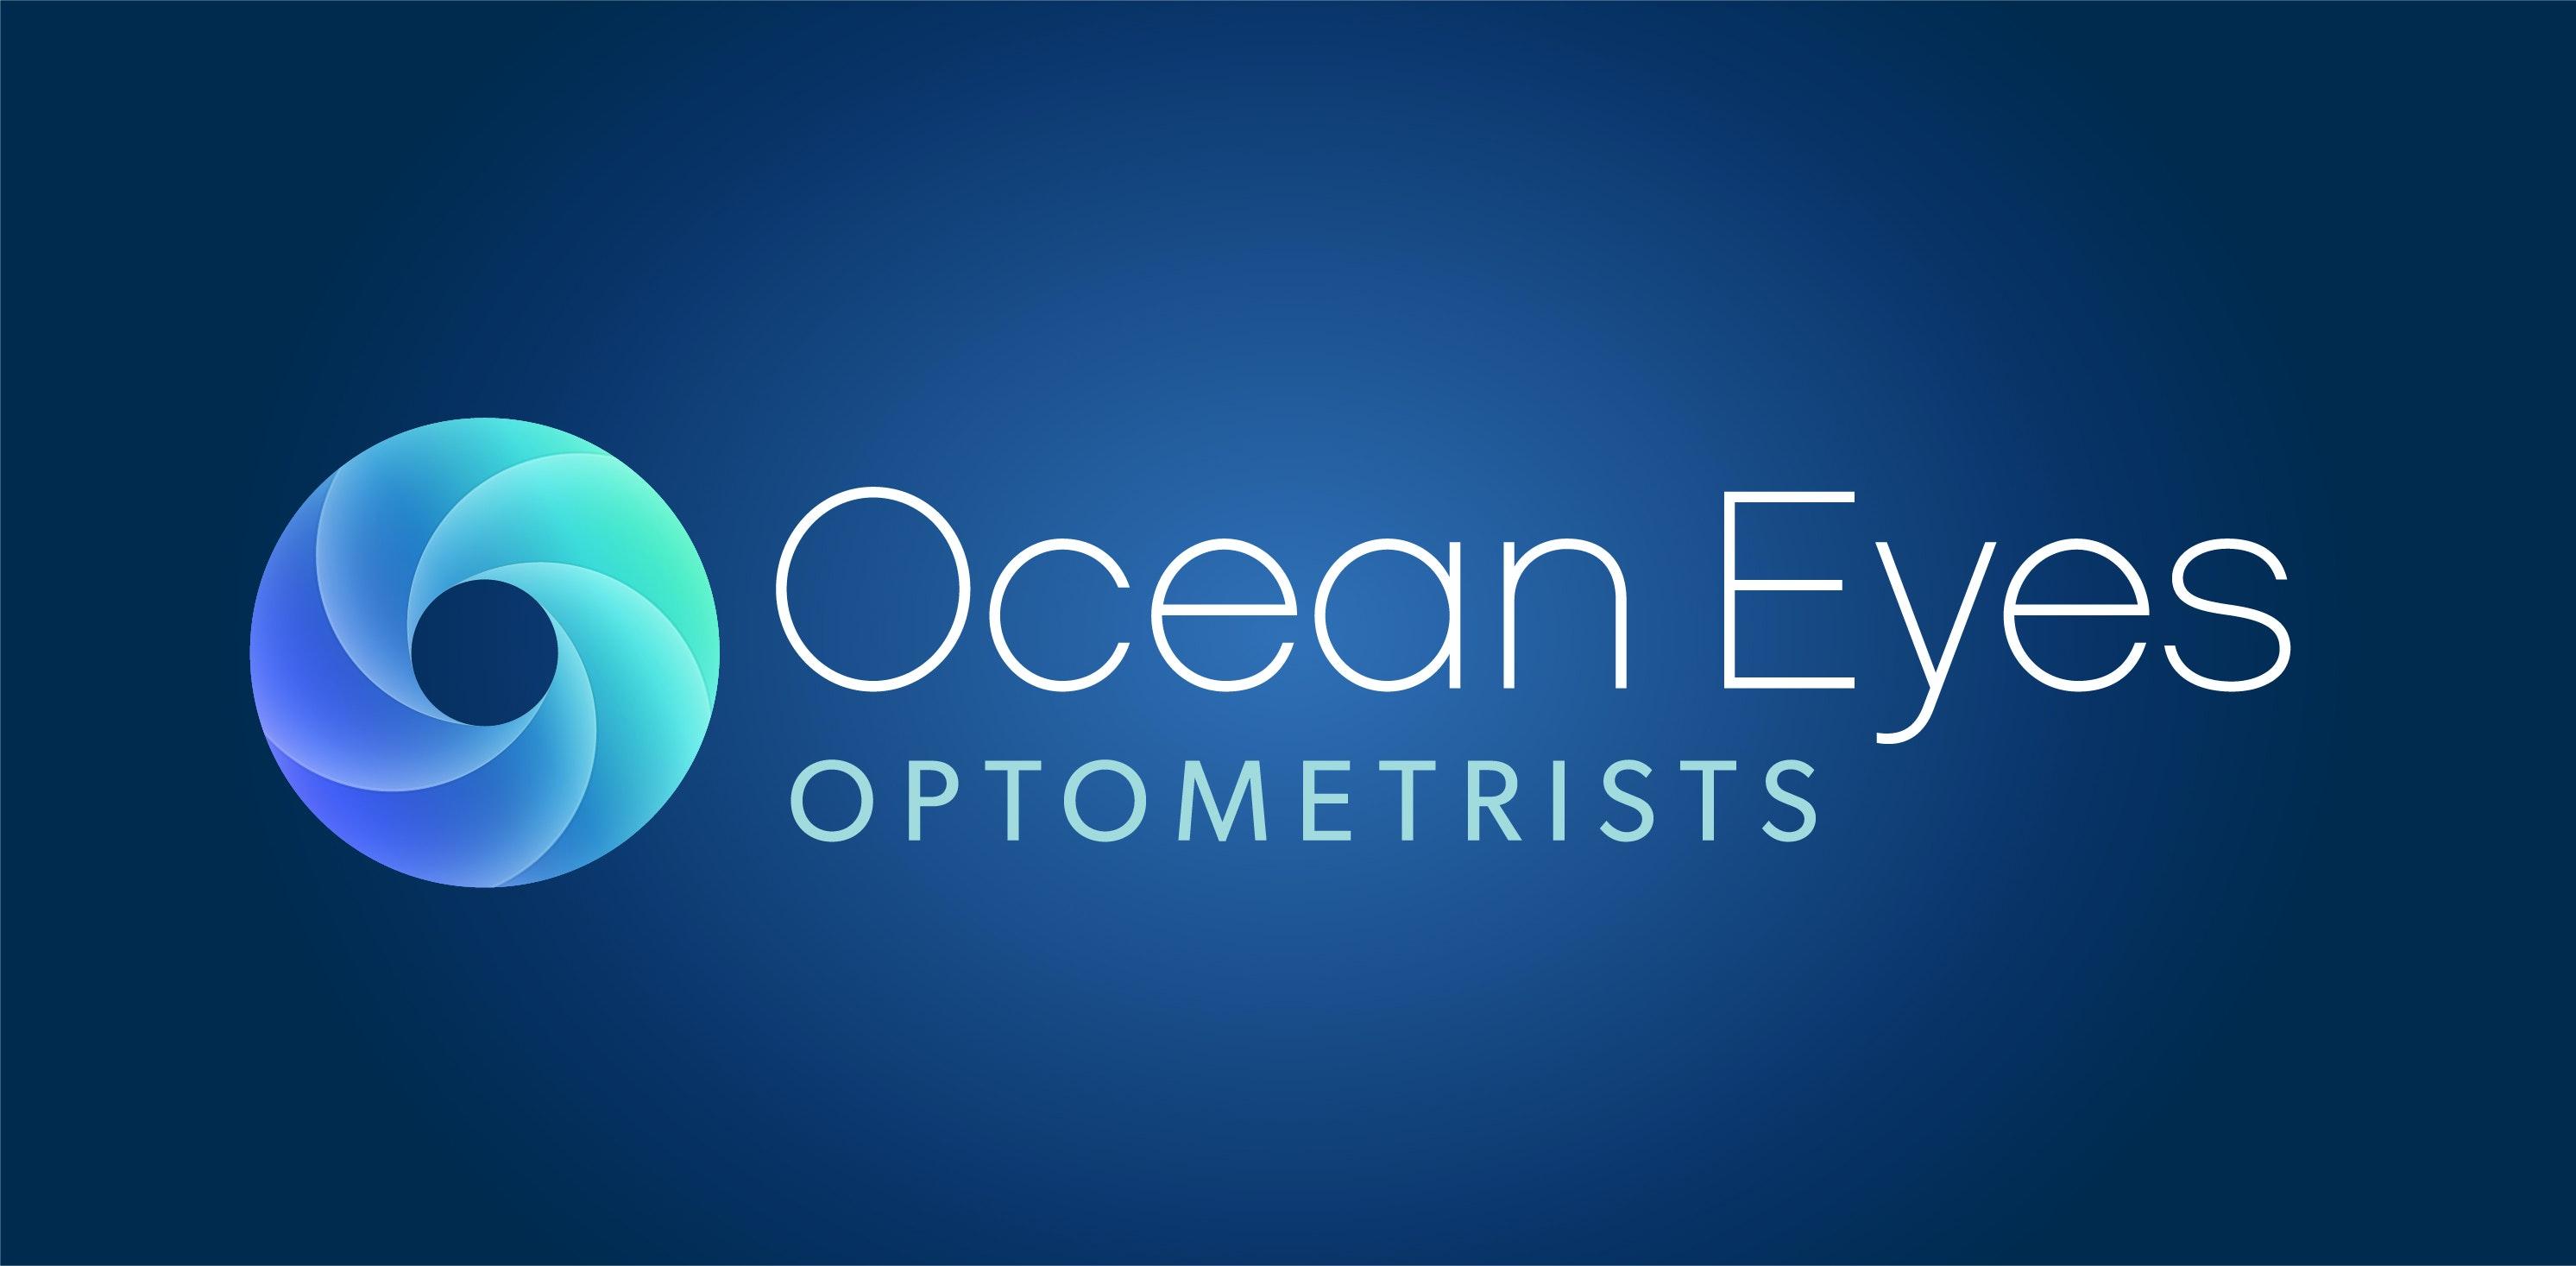 Ocean Eyes Optometrists